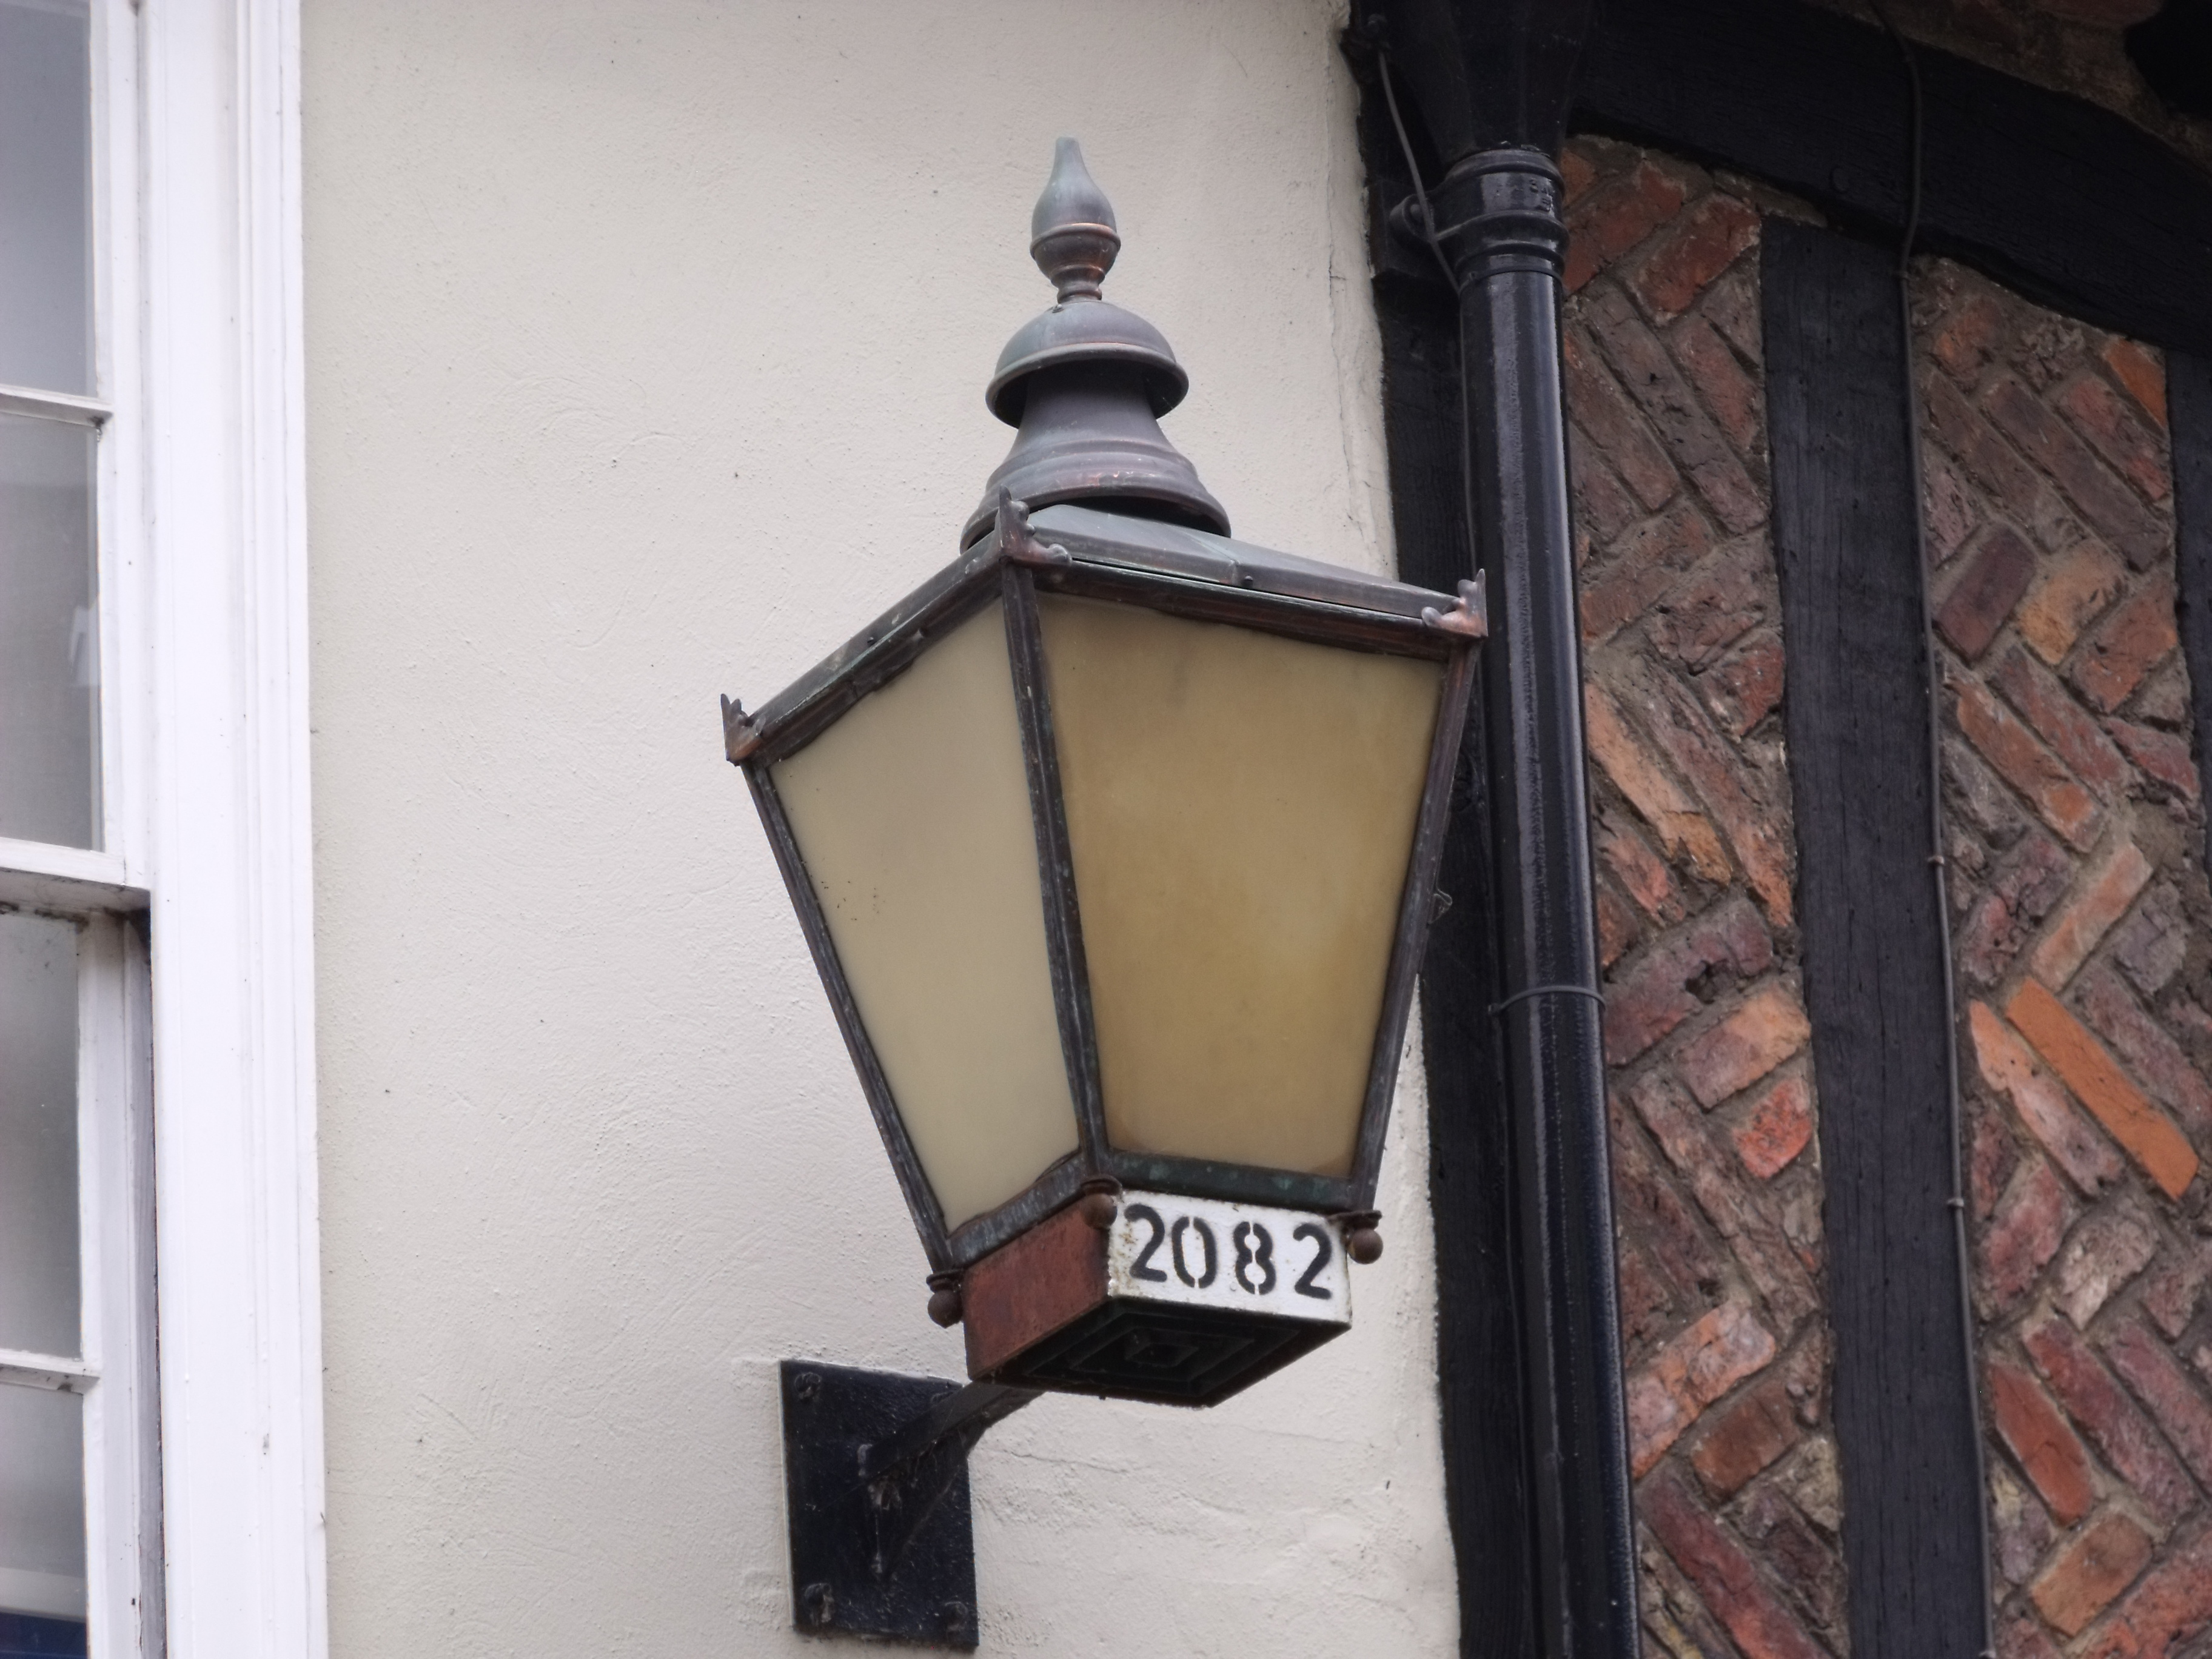 File:24 Princes Street, Norwich - Lantern 2082 (5981426493).jpg